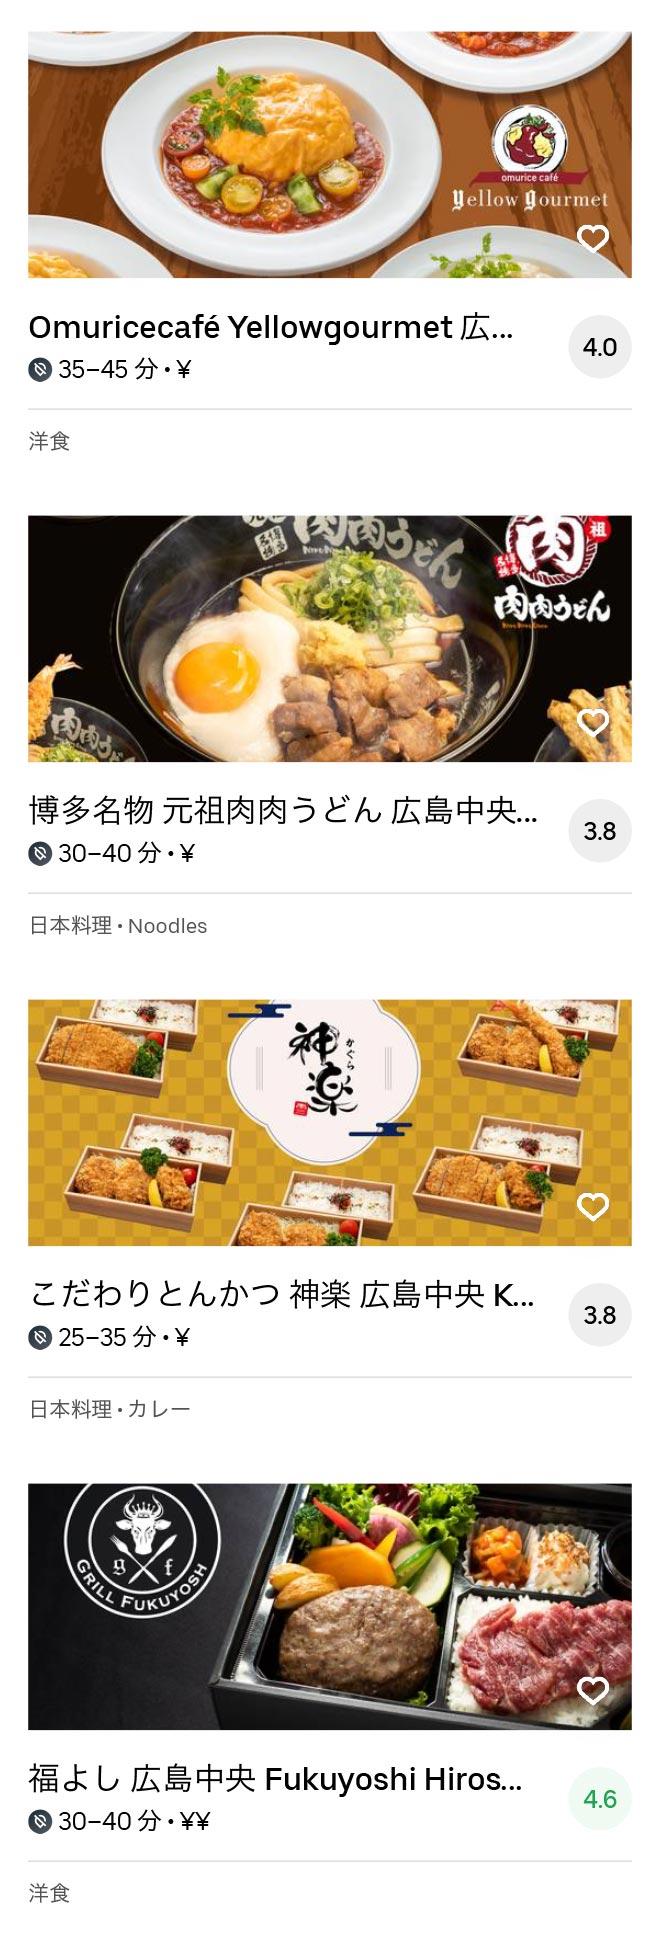 Hiroshima mukainada menu 2005 06